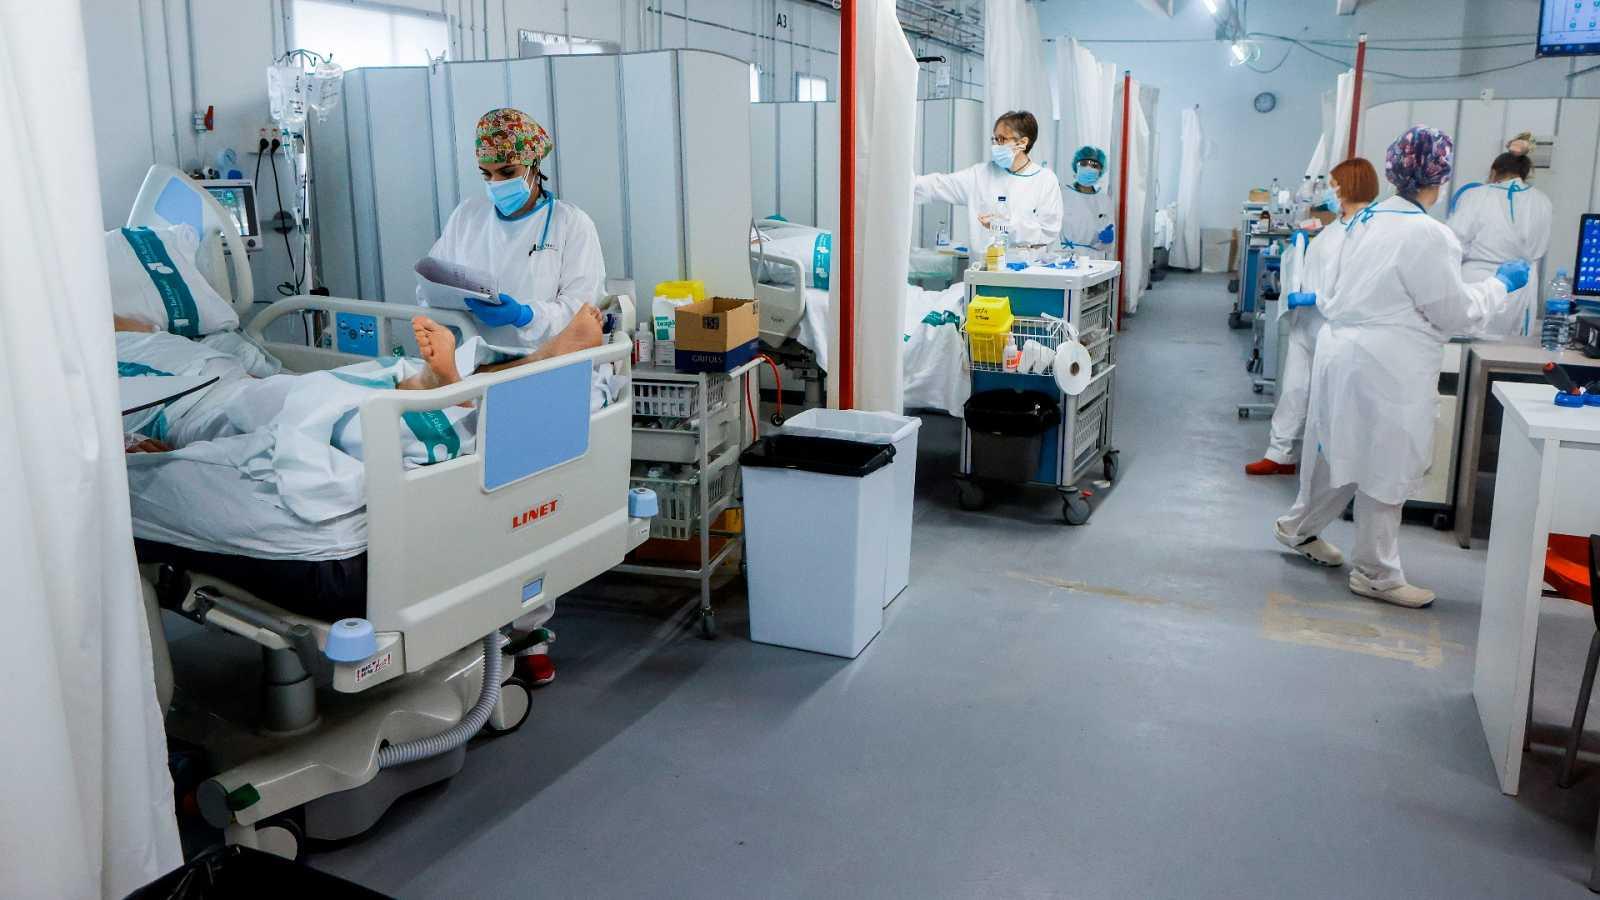 14 horas - ¿Es posible reducir los contagios sin estado de alarma? - Escuchar ahora